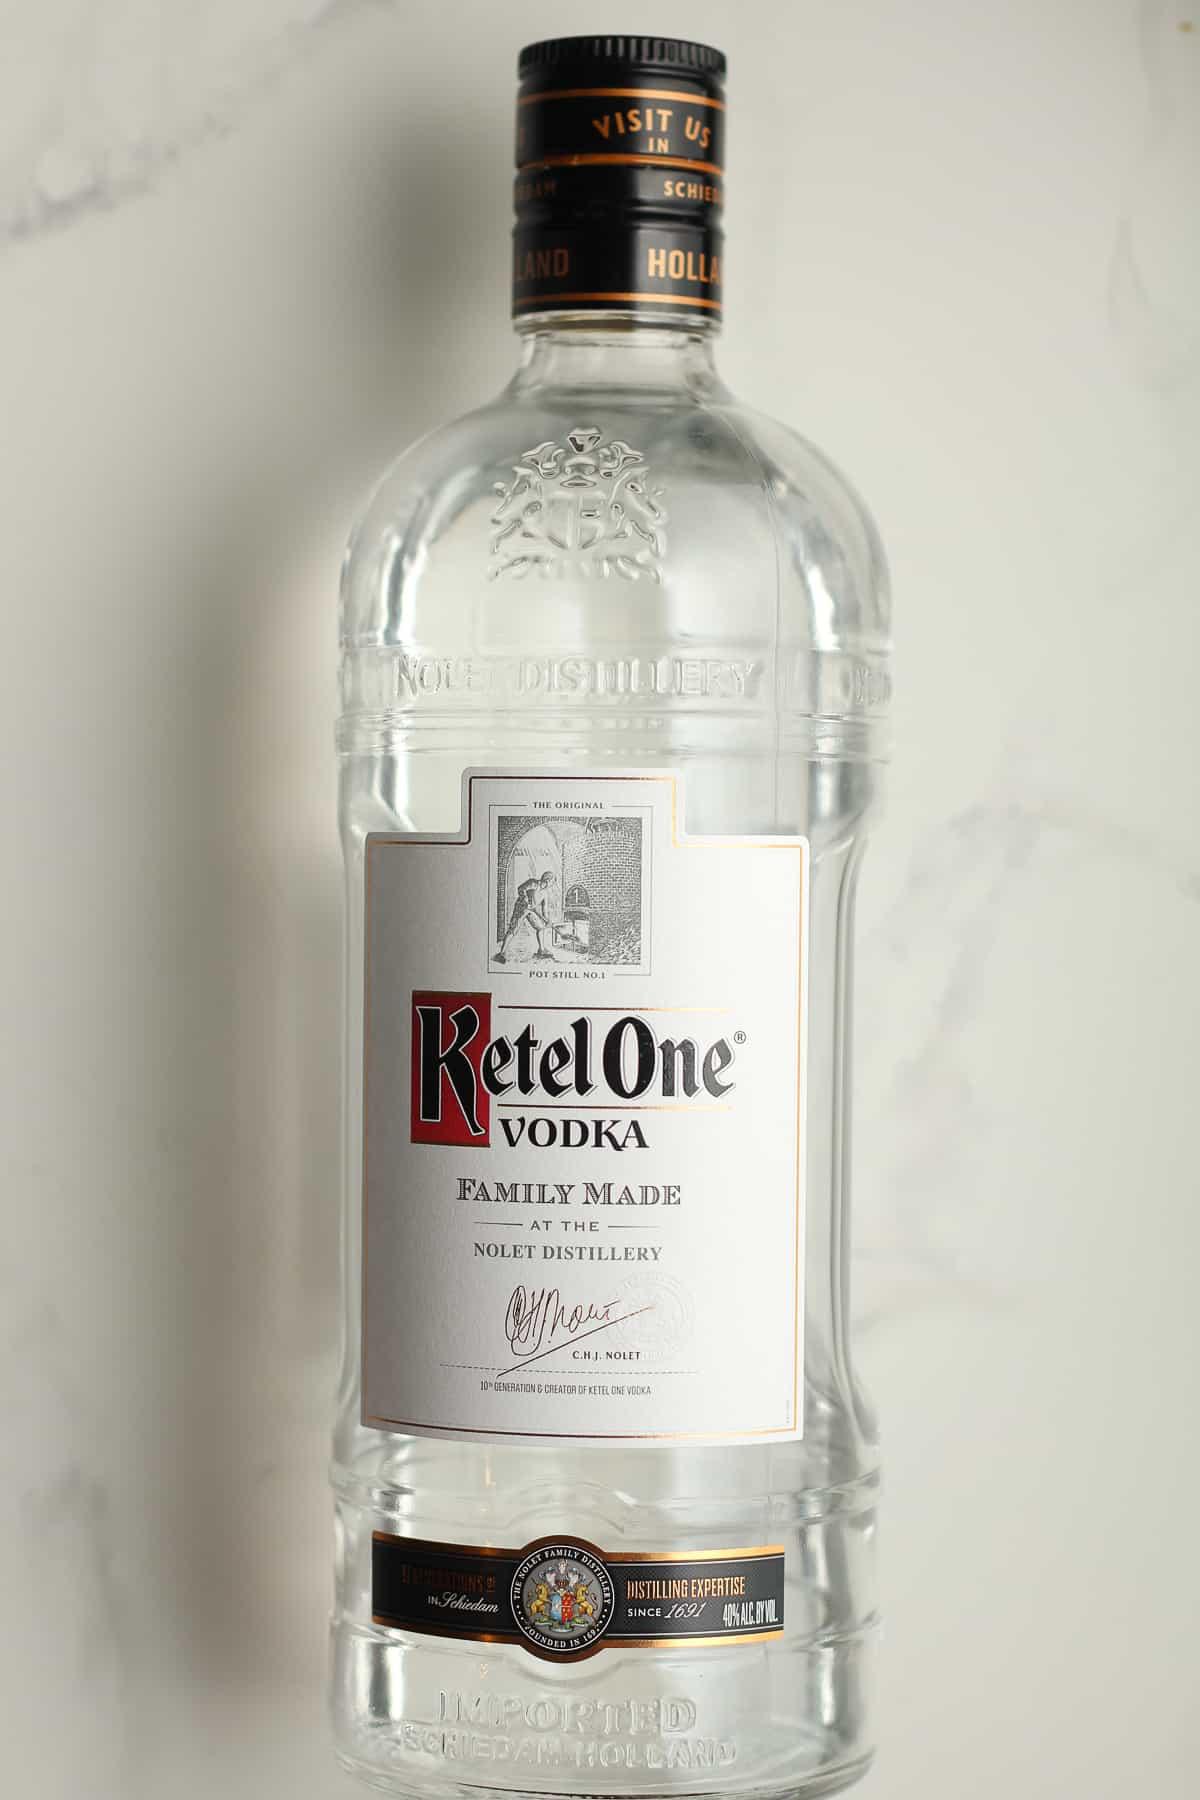 A bottle of Ketel One Vodka.